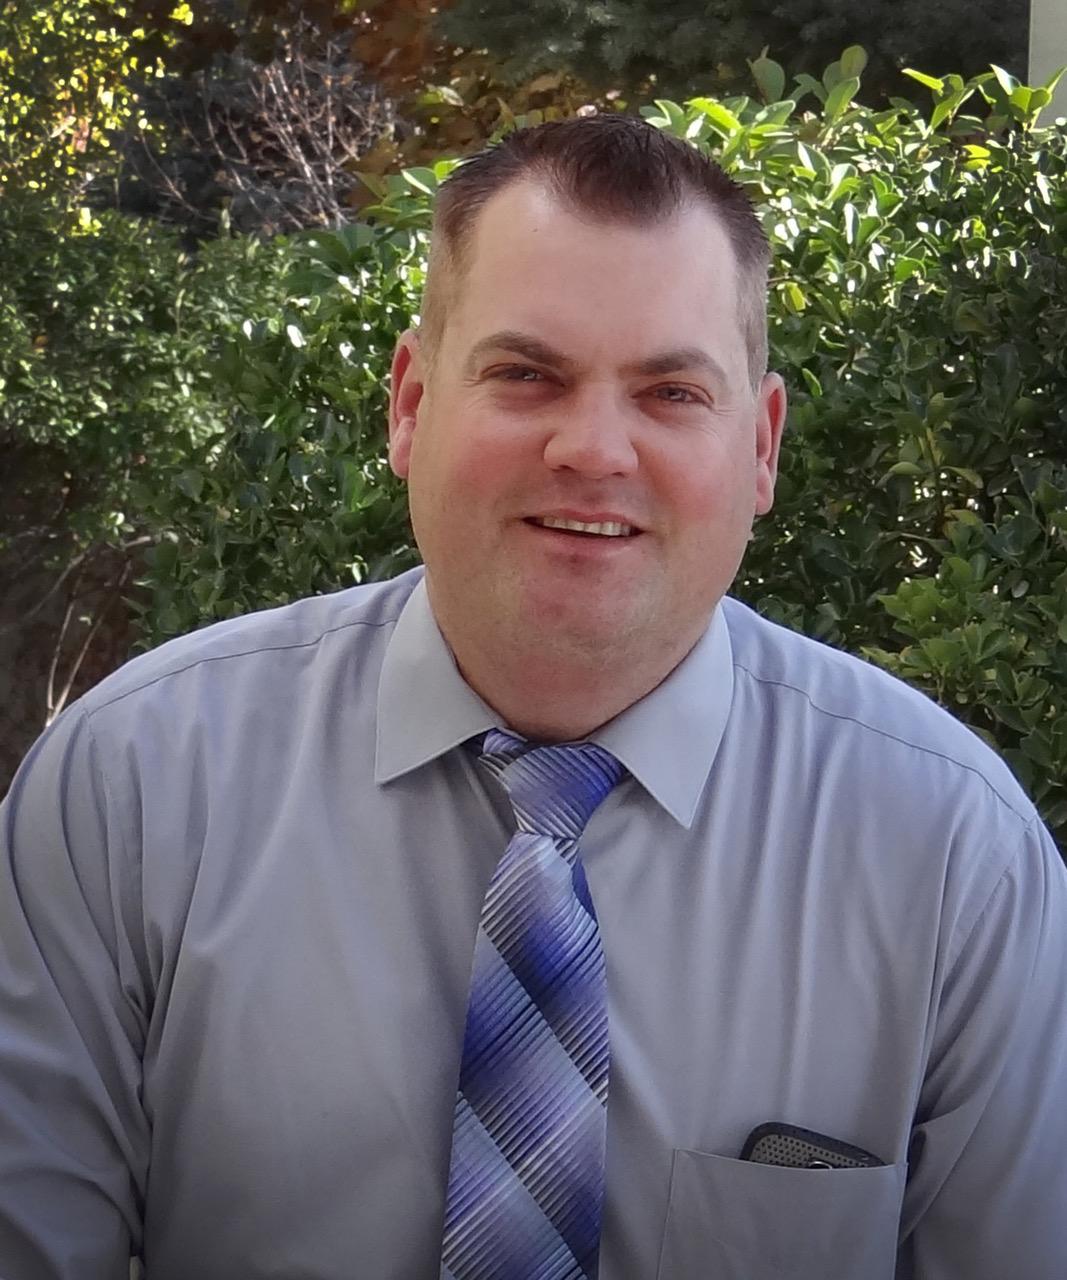 Brad A. Hague